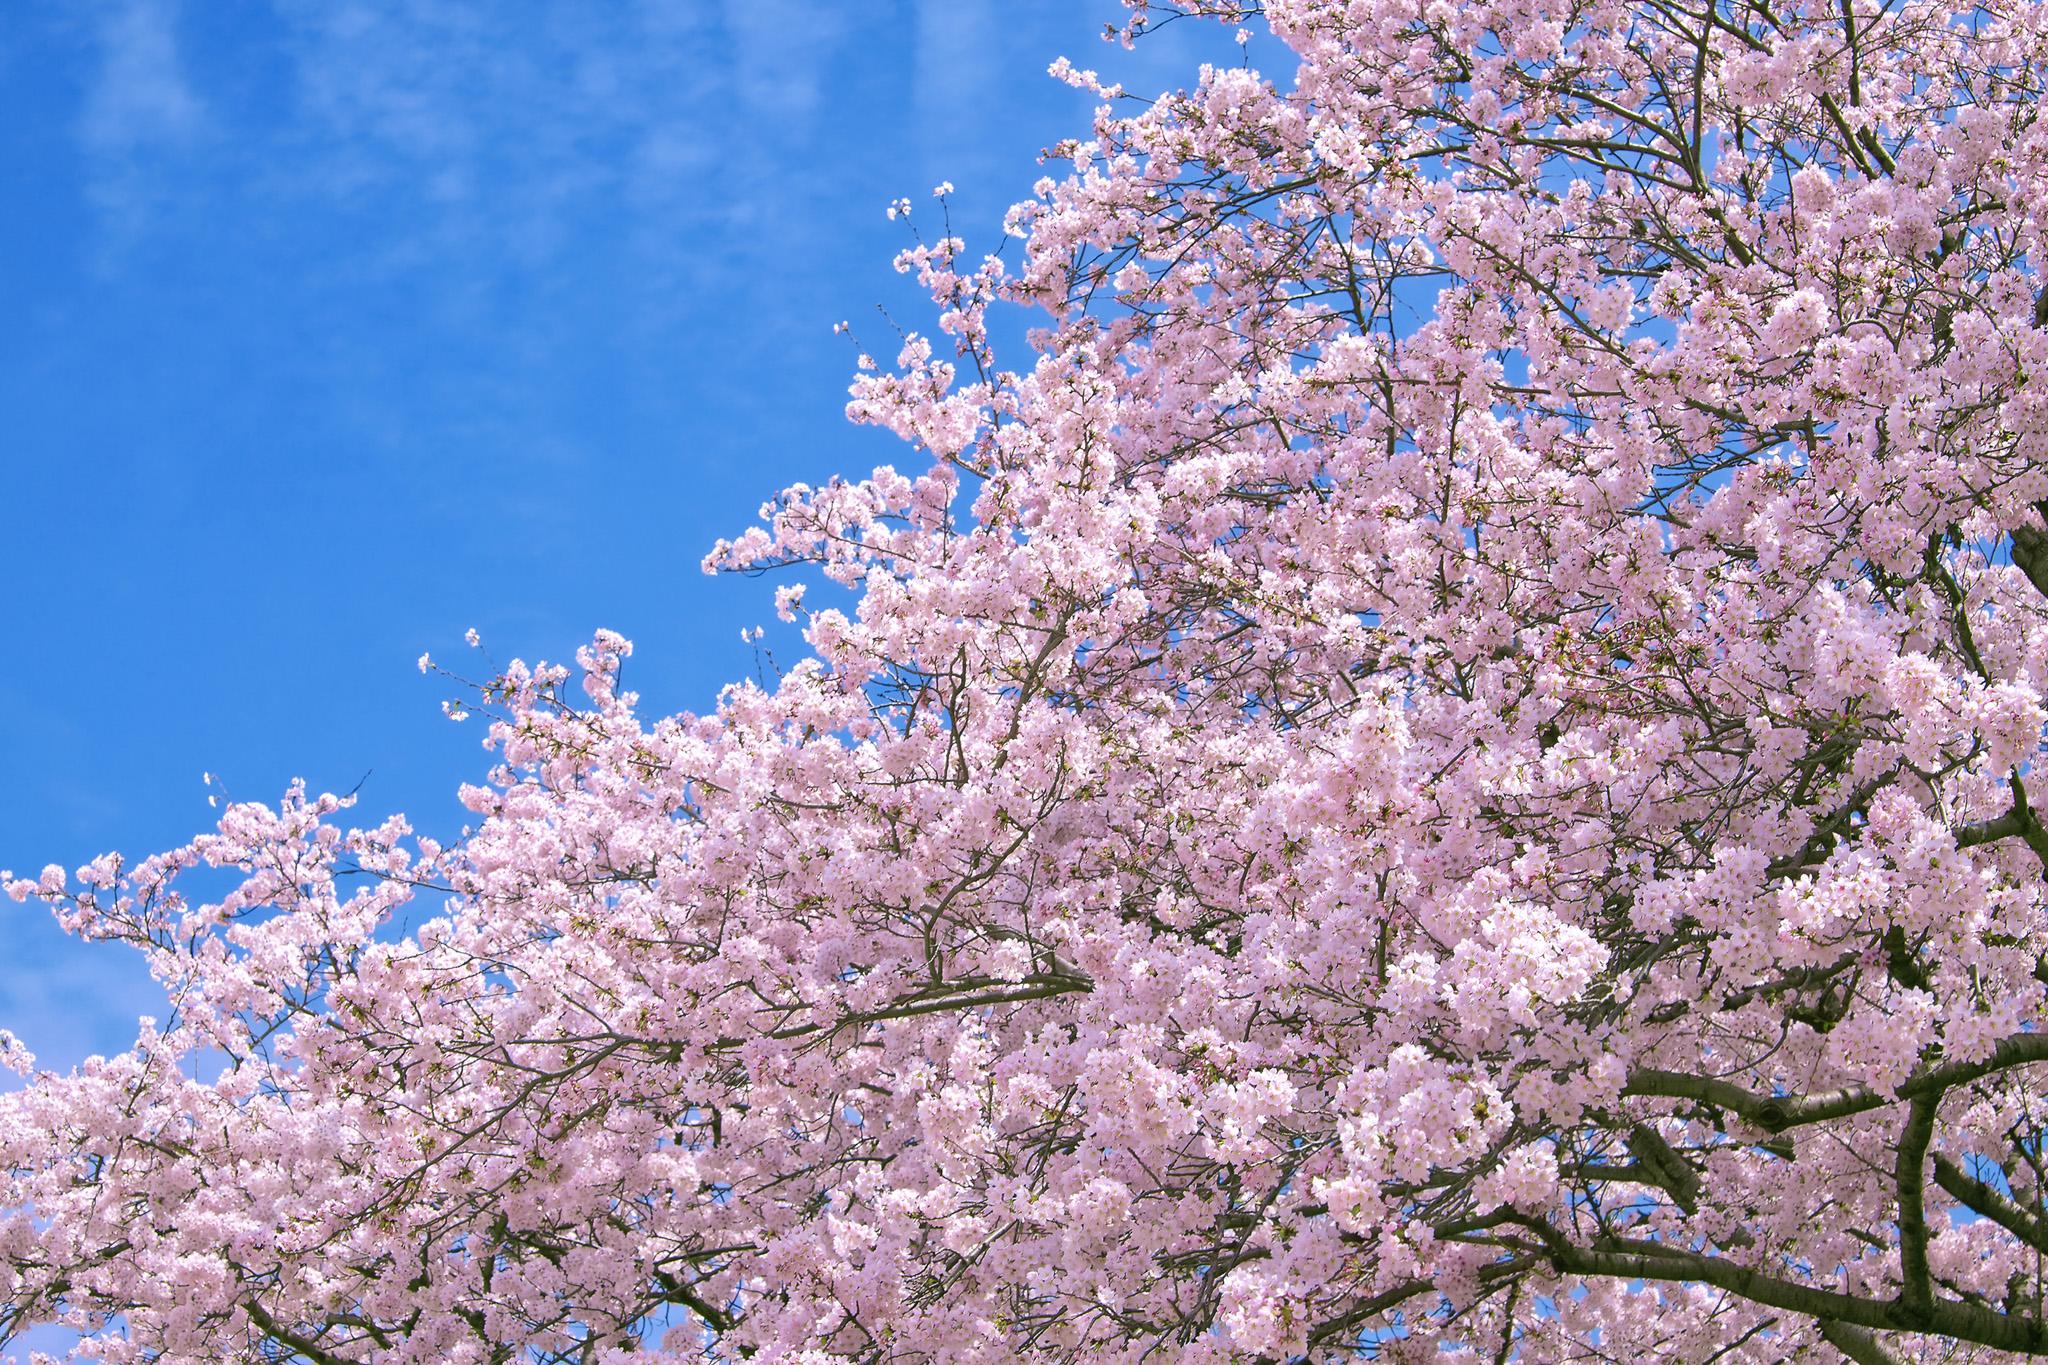 「春空に咲き誇る満開の桜」